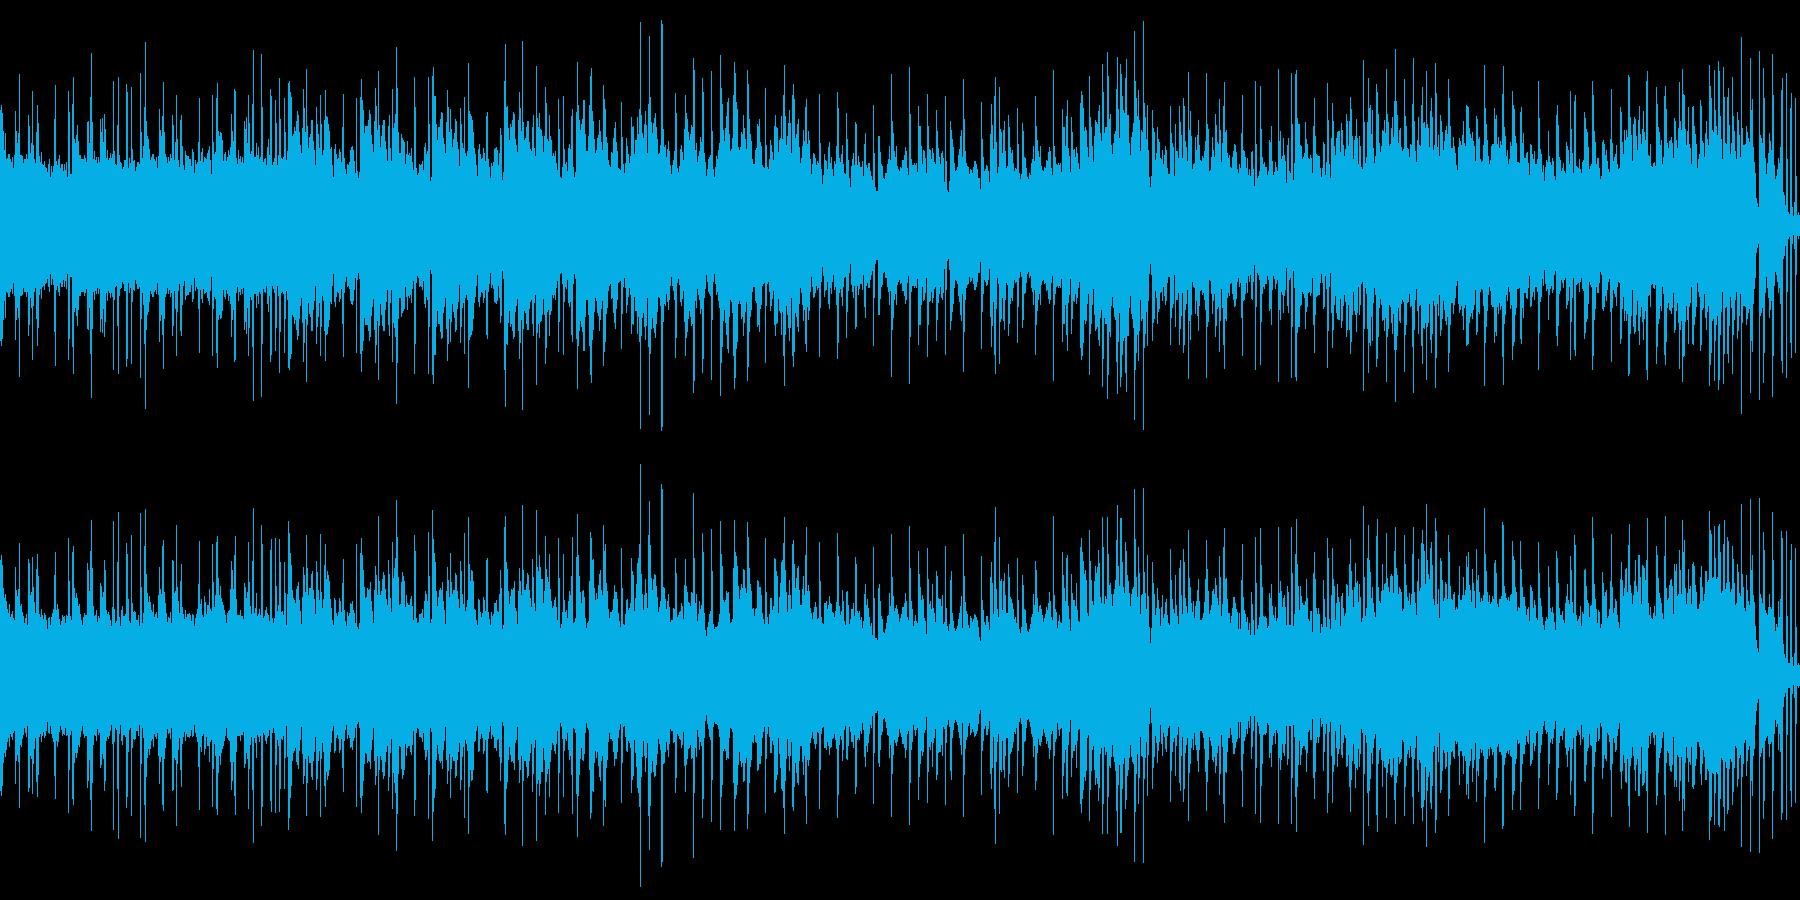 8bit 勇壮ポップファンタジー ループの再生済みの波形